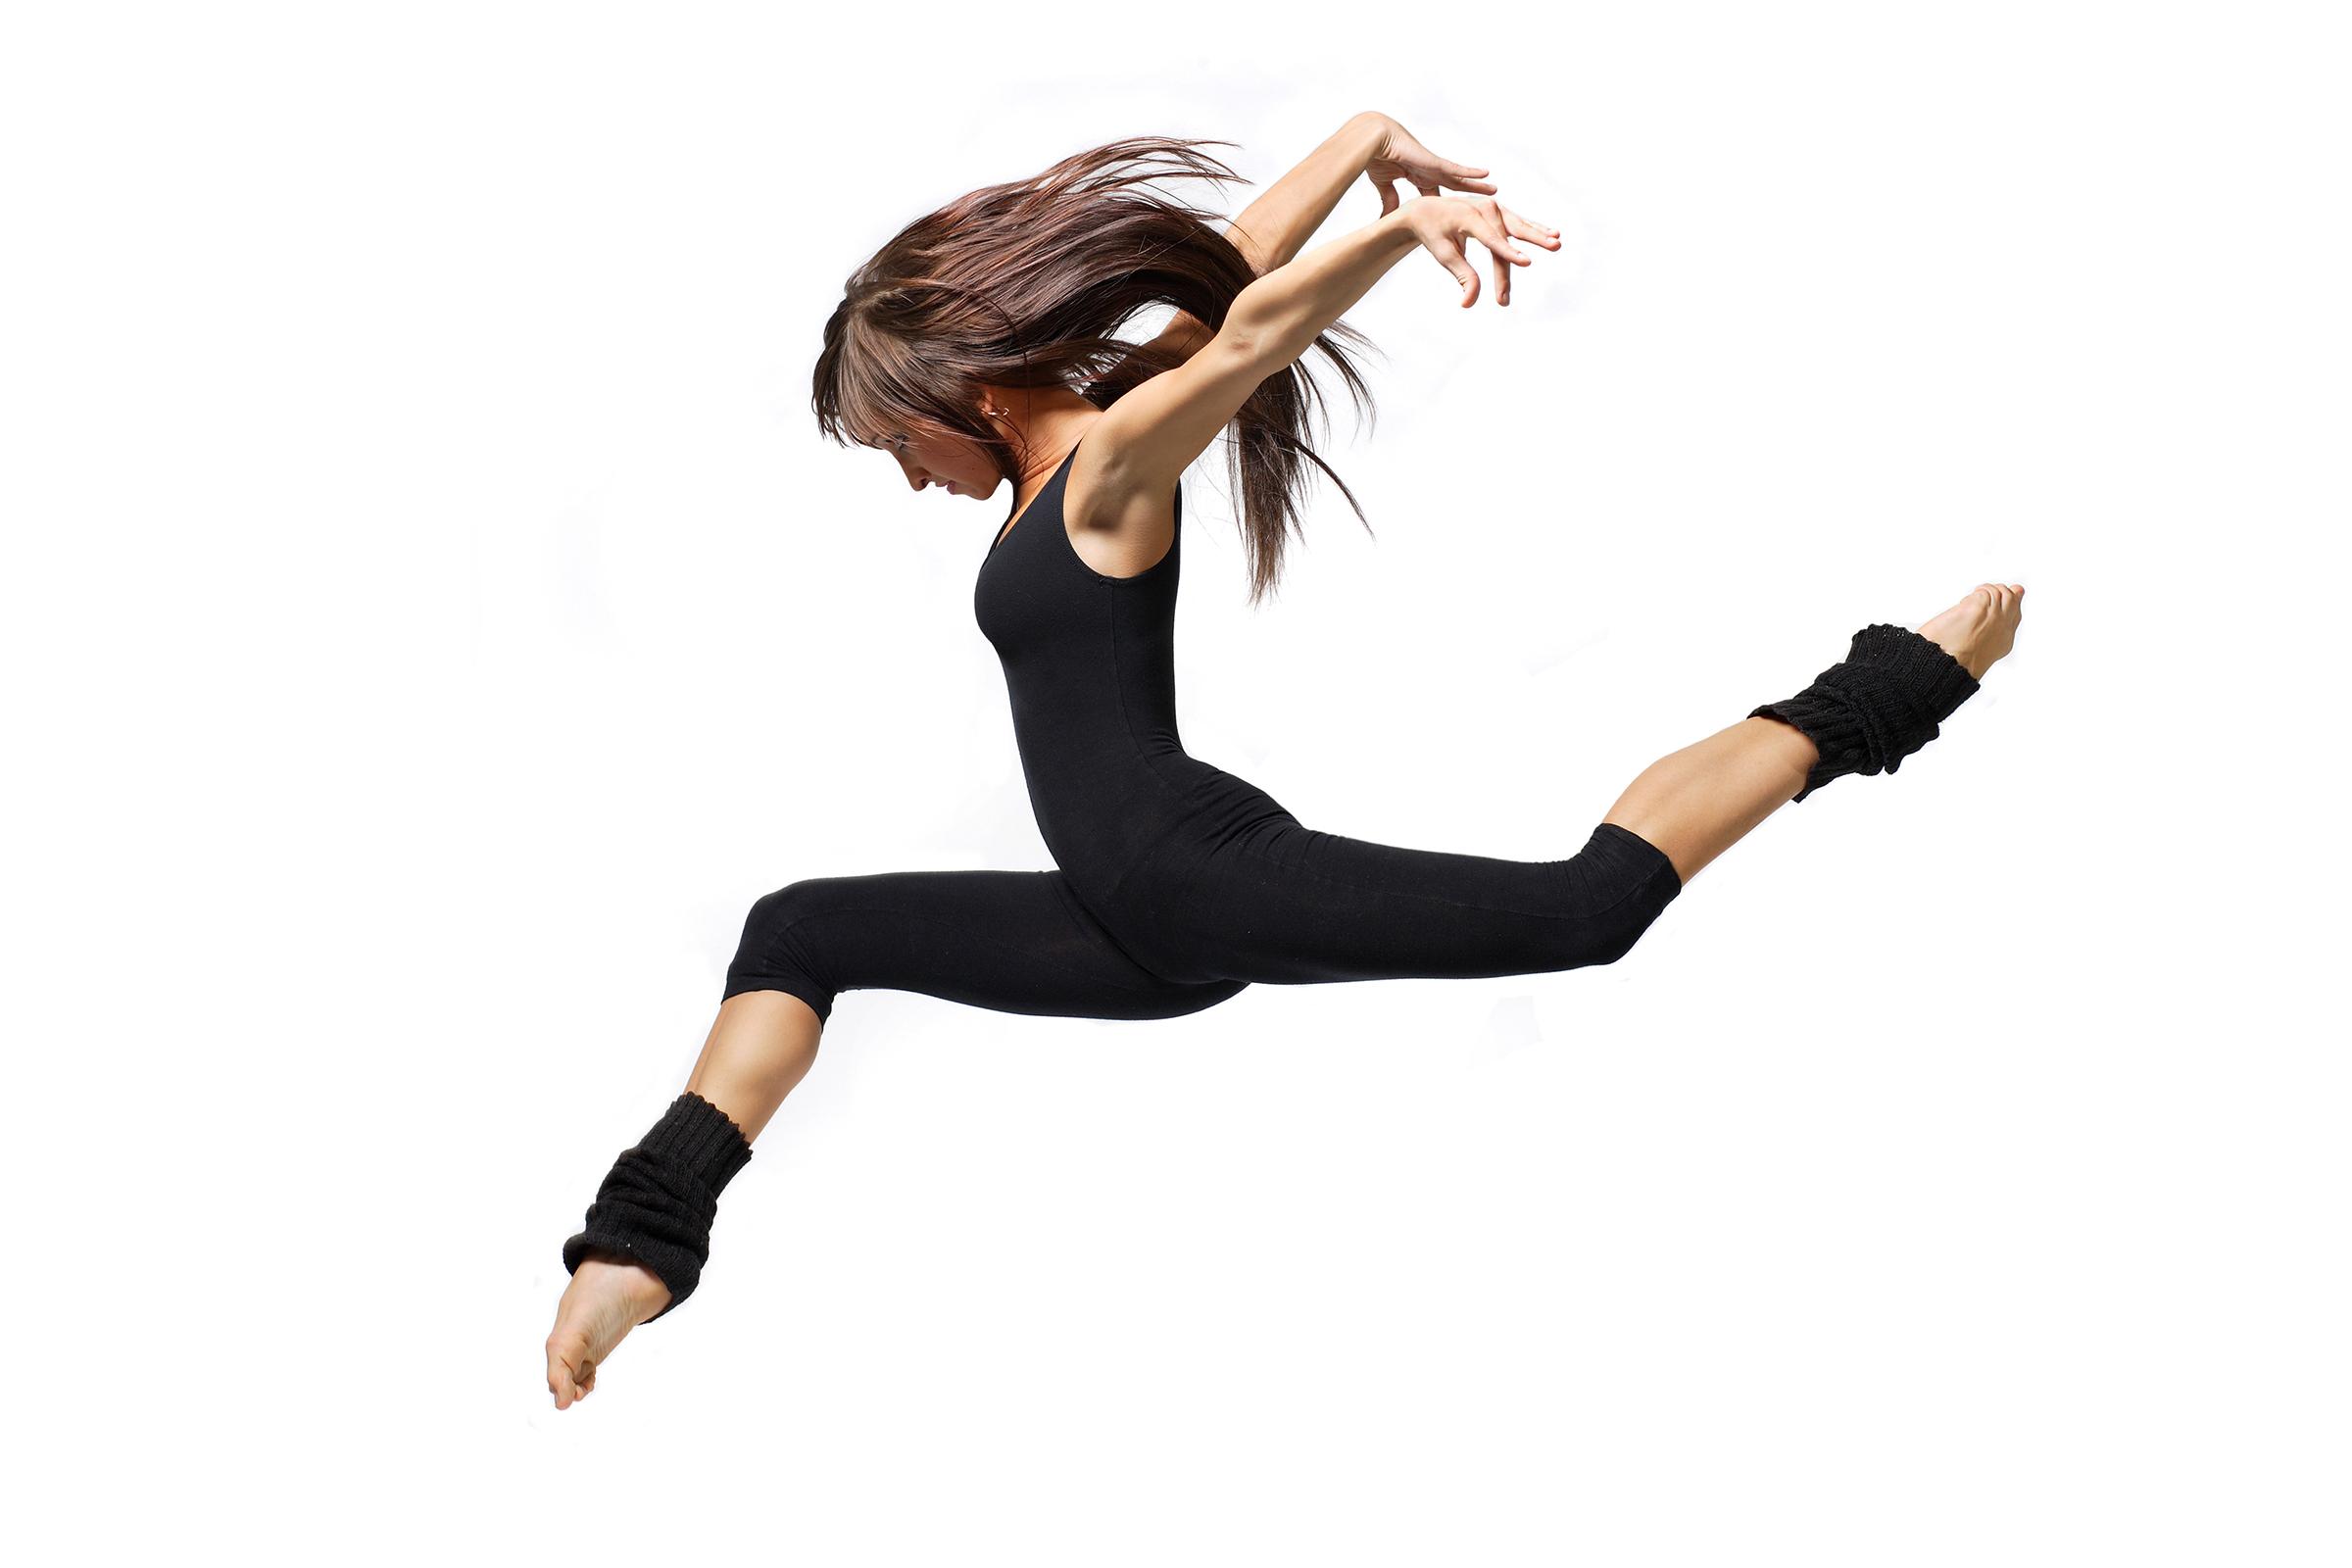 Opes gym danza 2015 opes for Immagini di ballerine di danza moderna